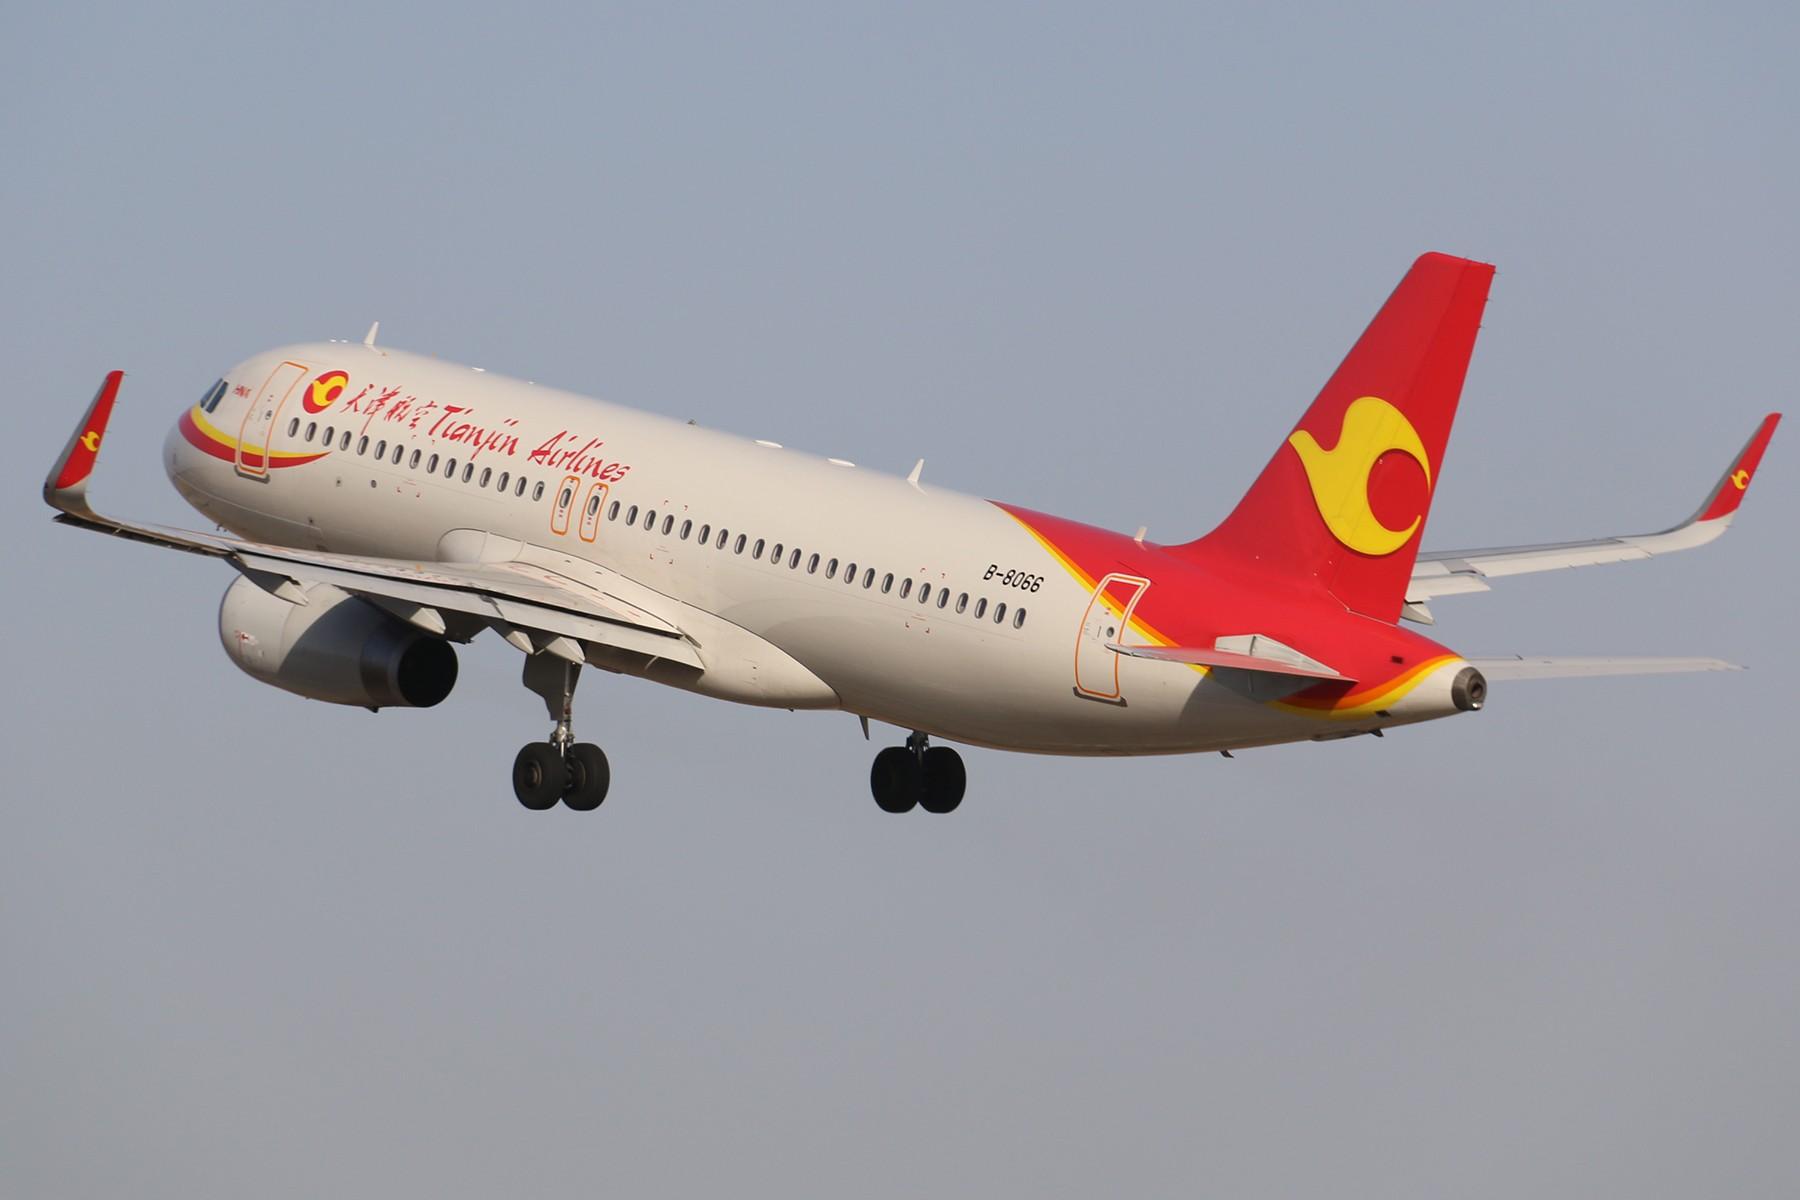 [原创]夕阳下的两只常规货拉起【1800*1200】 AIRBUS A320-200 B-8066 中国南昌昌北国际机场